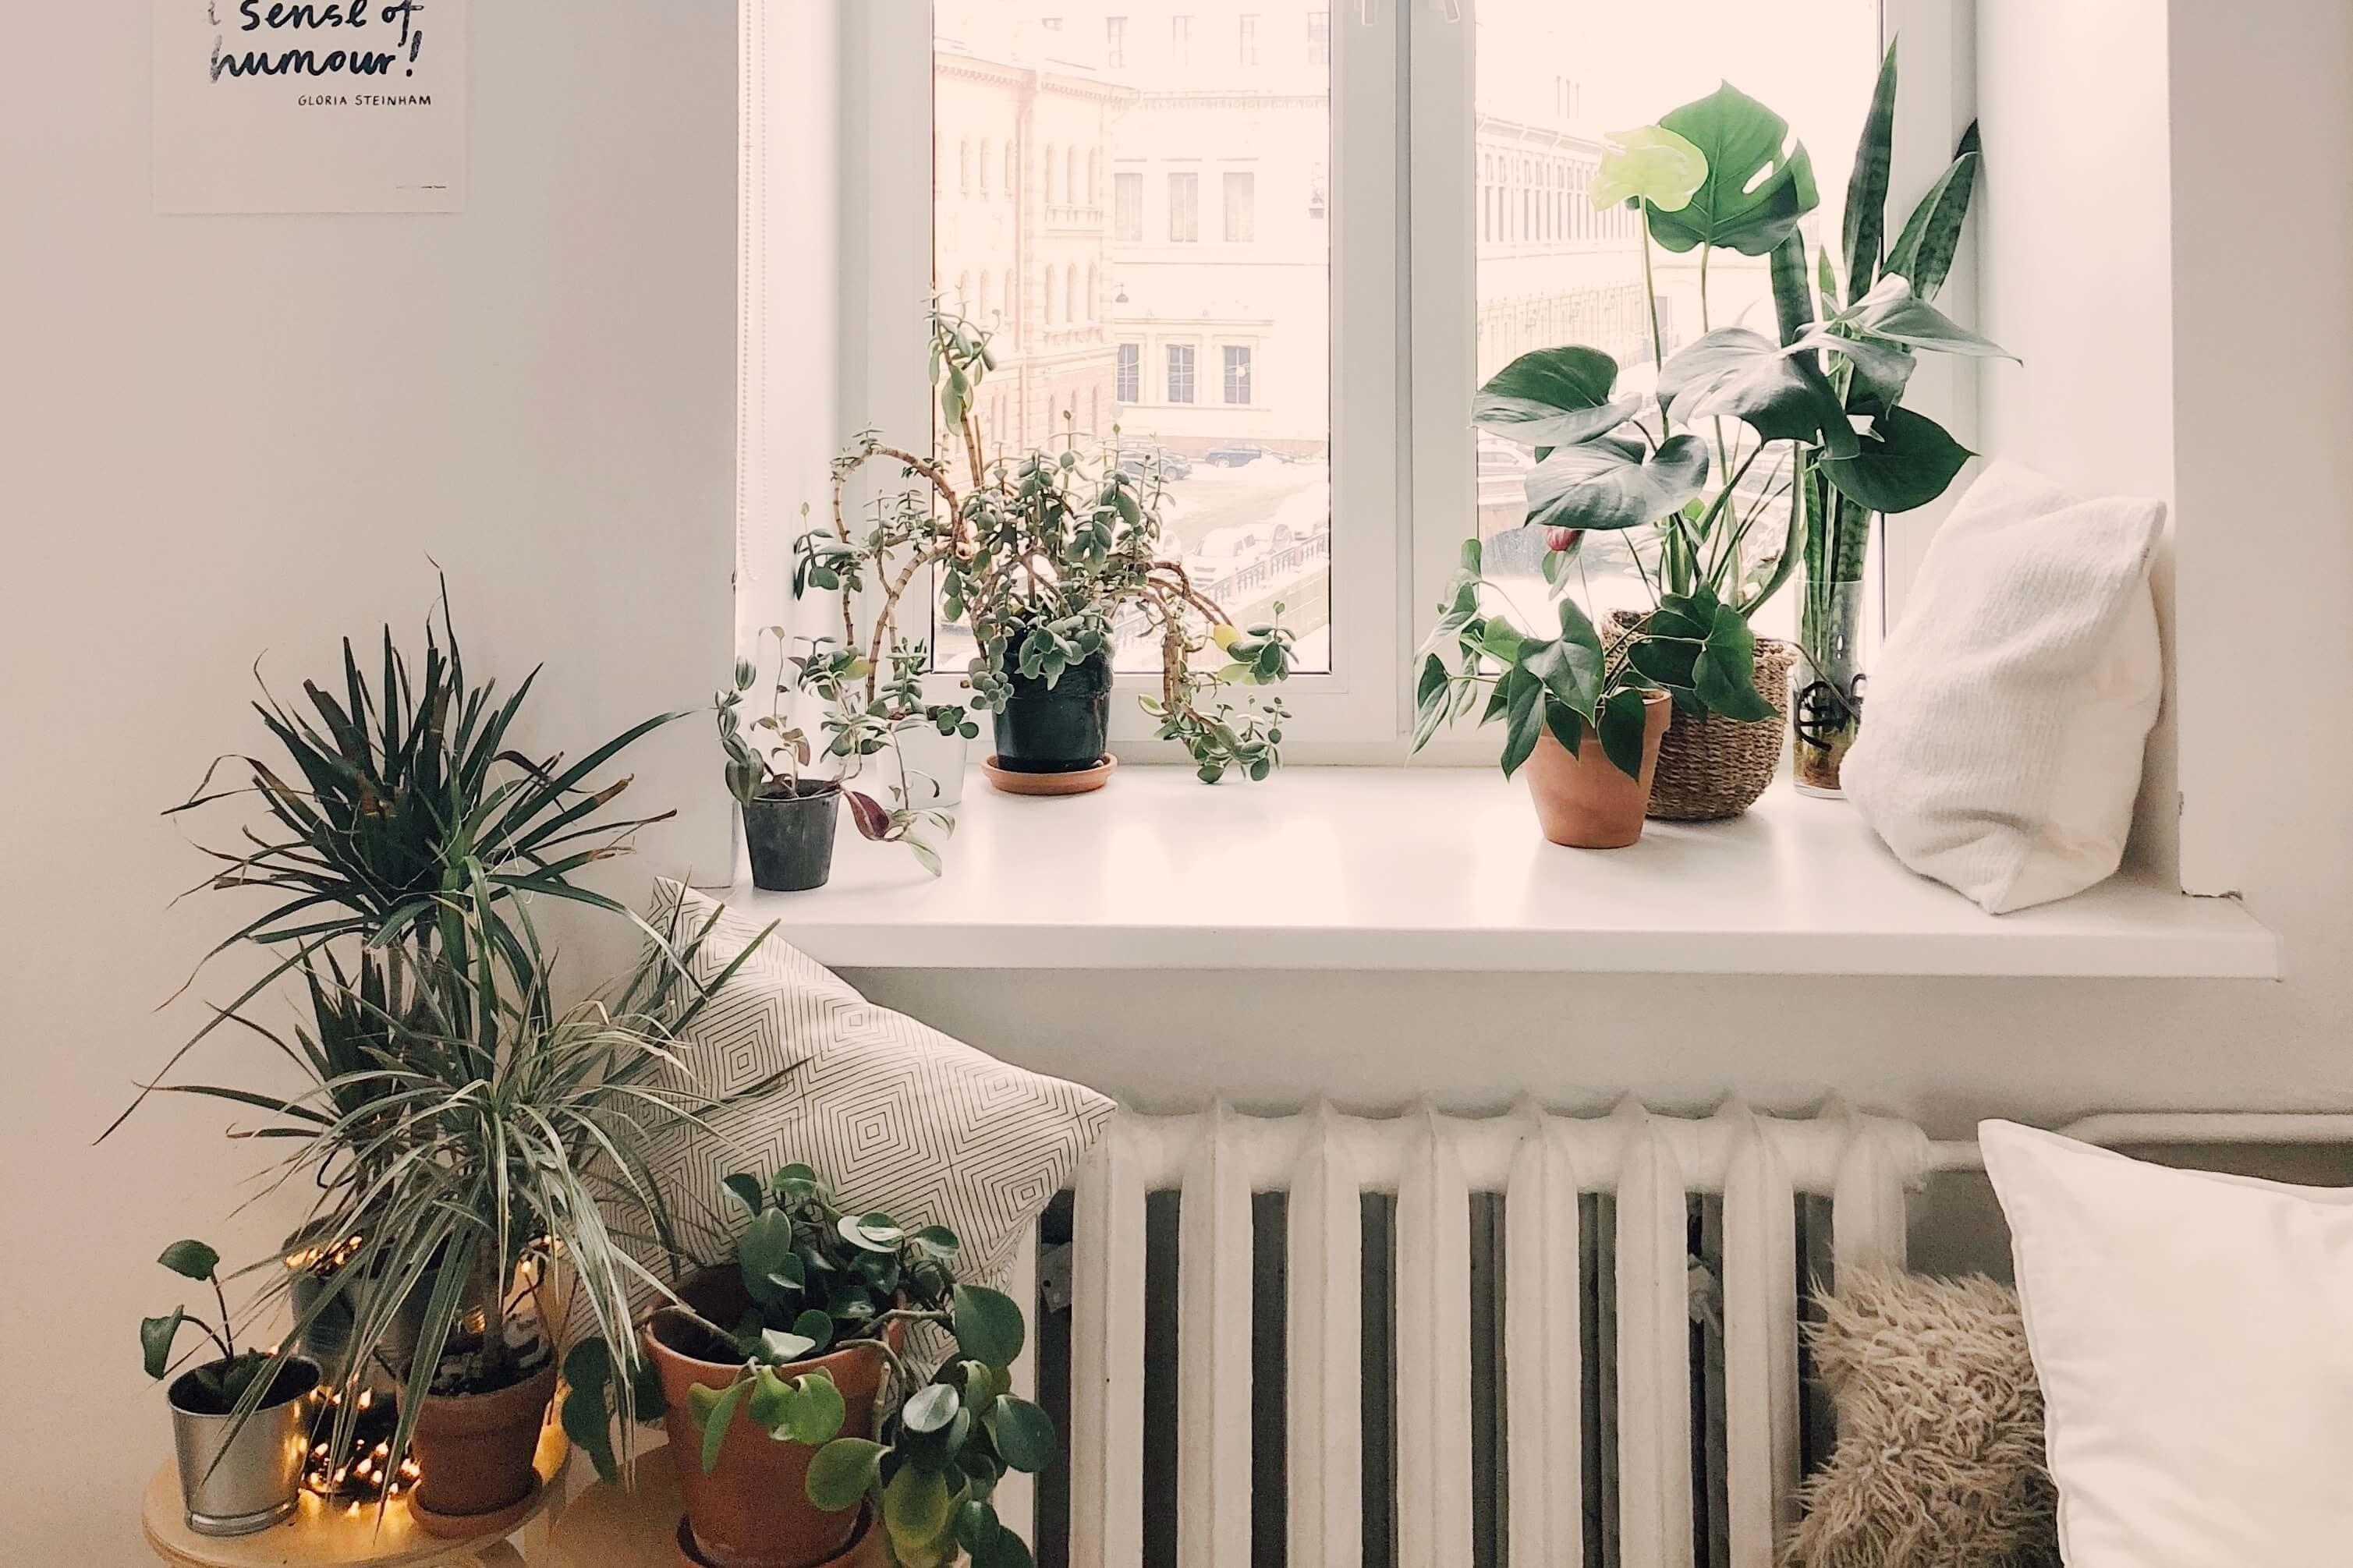 Ako na správne hnojenie rastlín? Tieto tipy je dobré si osvojiť